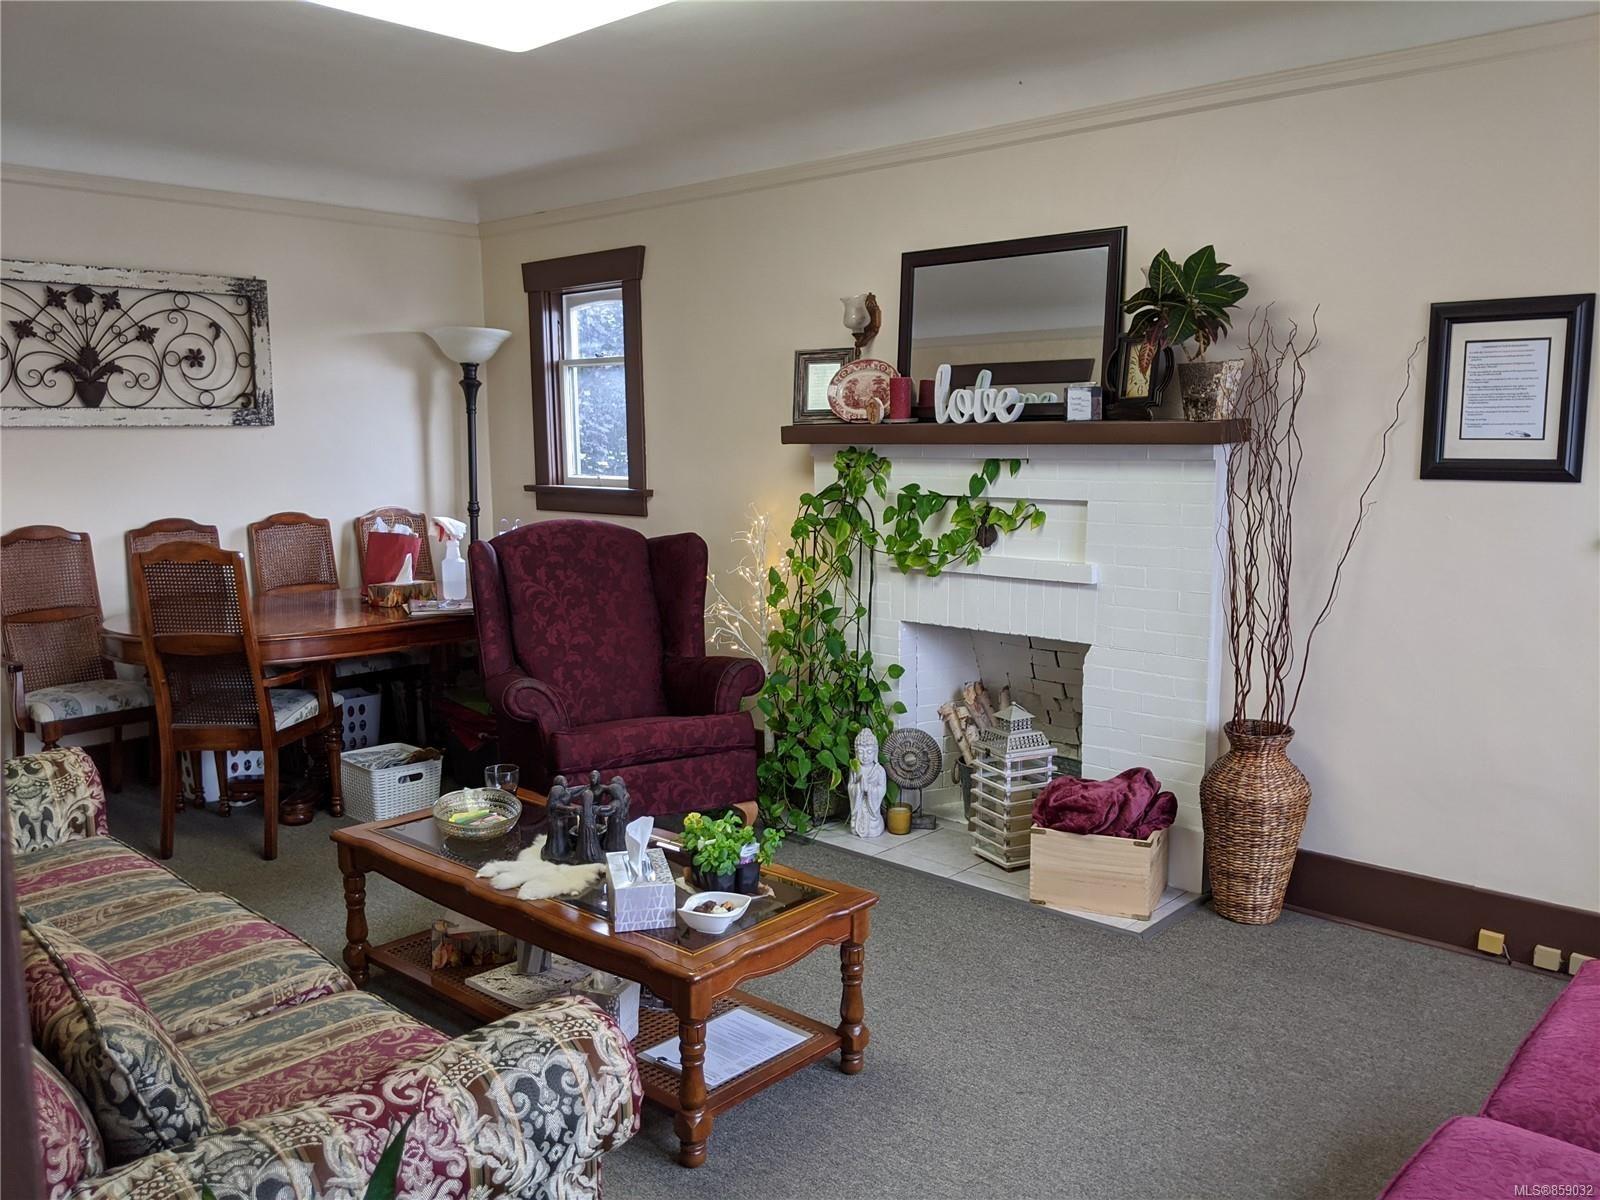 Photo 12: Photos: 331 St. Julian St in : Du West Duncan Office for sale (Duncan)  : MLS®# 859032